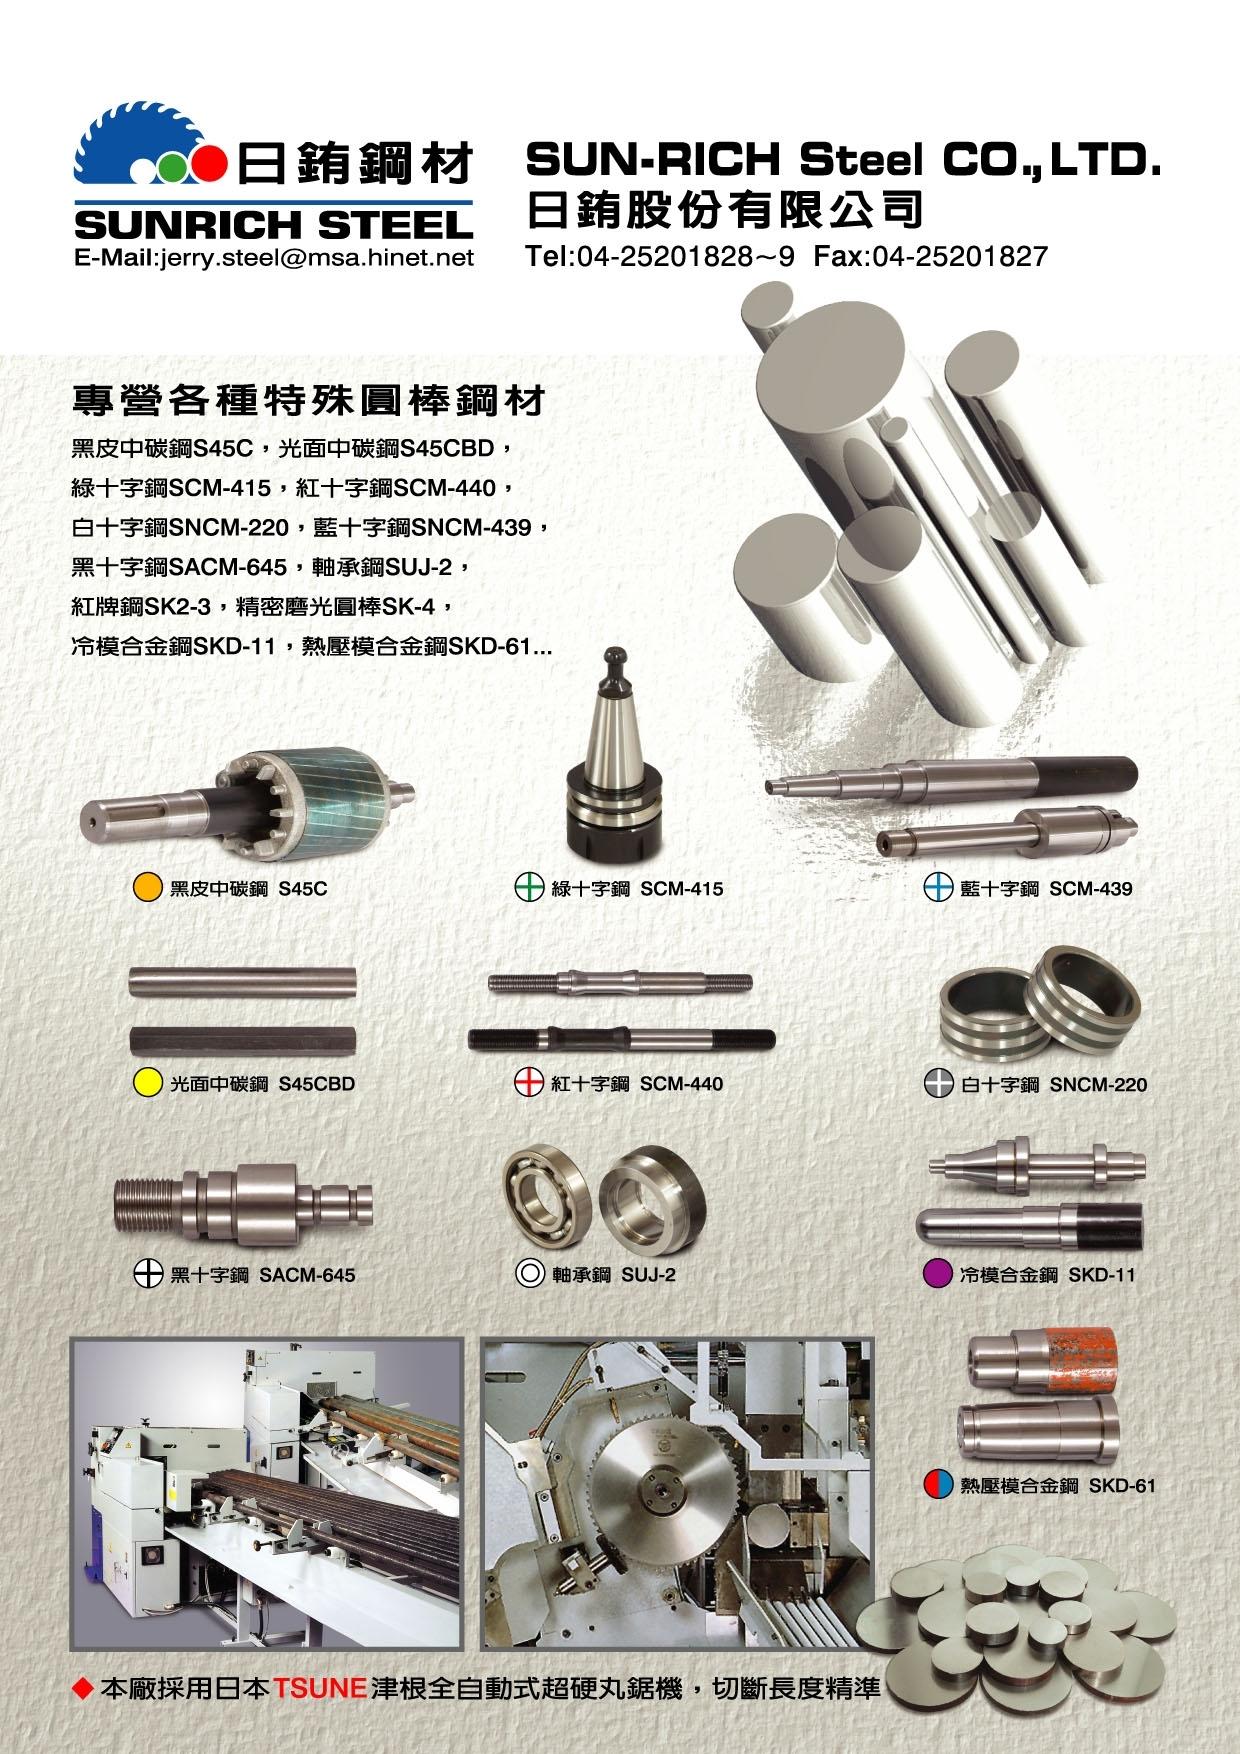 專營各種特殊鋼圓棒